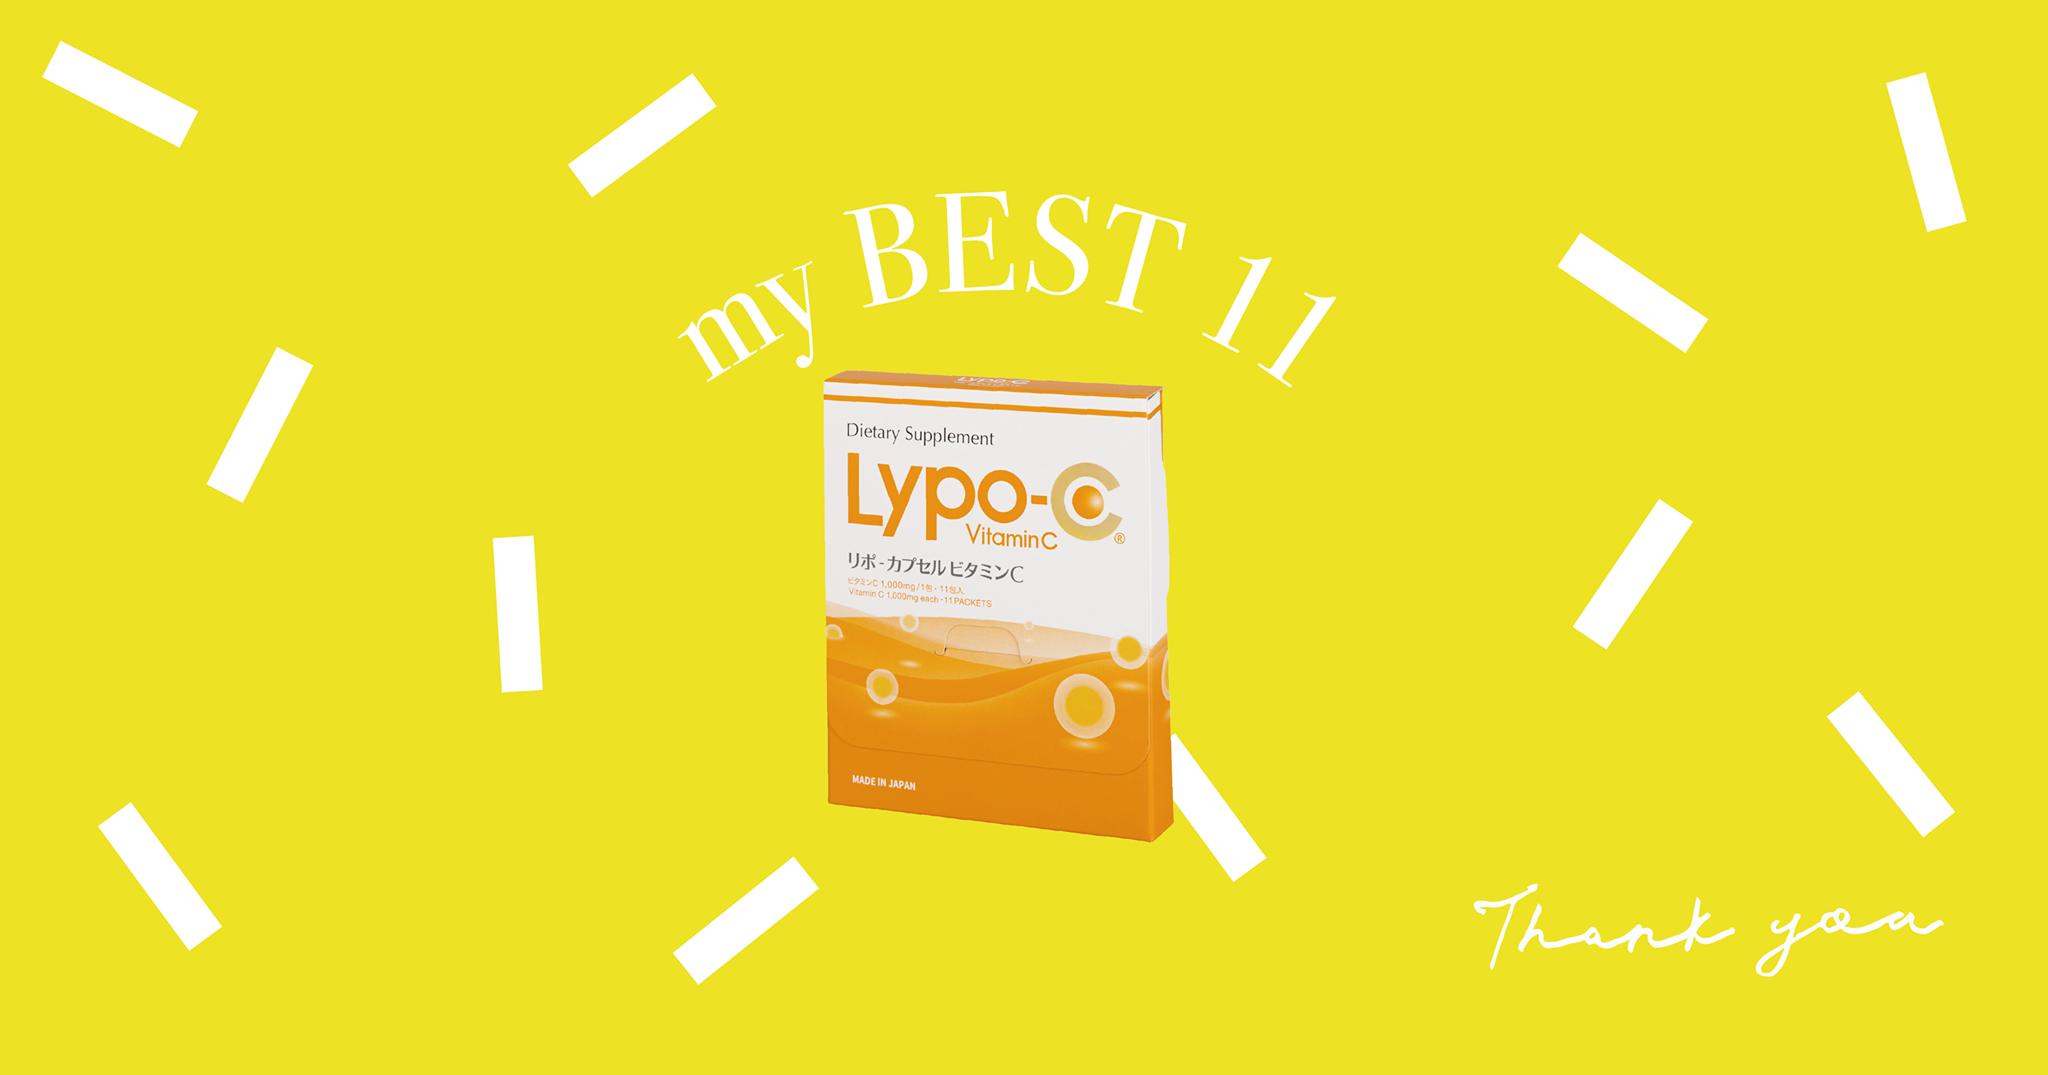 【#myBest11企画】Lypo-C11包入り、ベストな飲み方をご紹介。